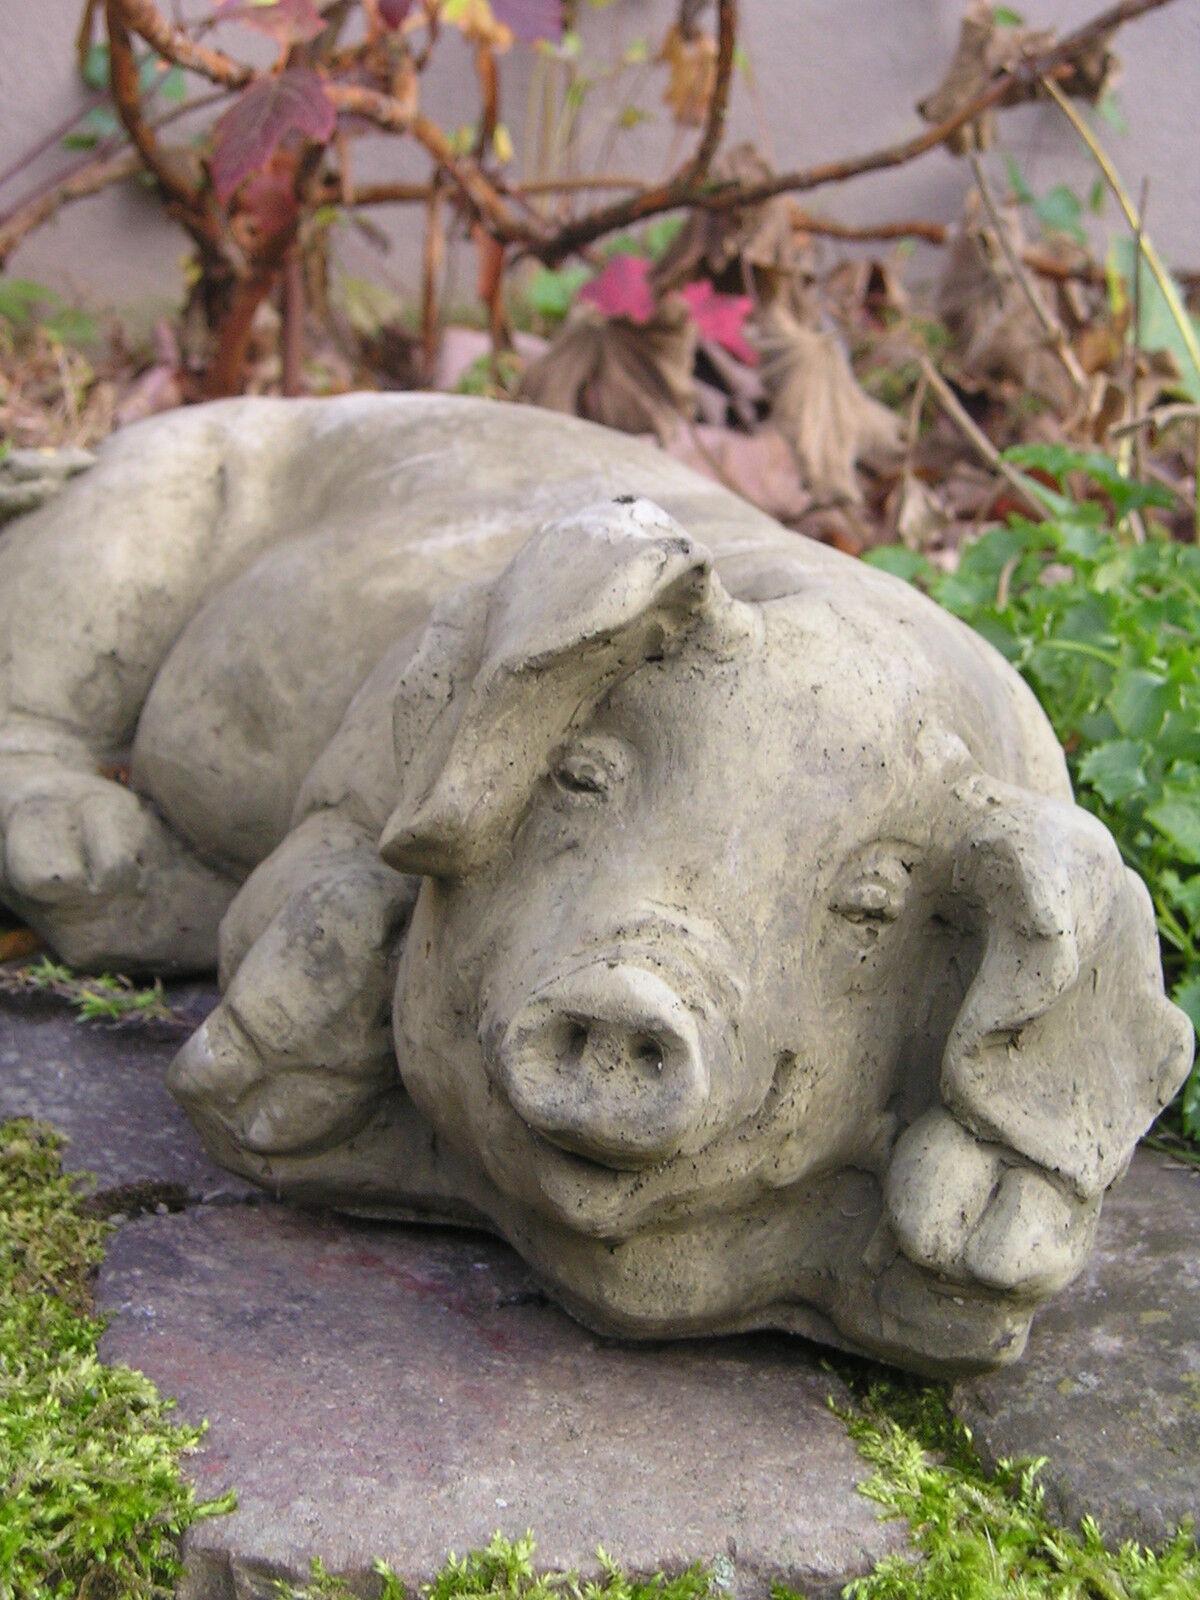 gartenfigur schwein steinfigur stein ferkel liegend steinguss frostfest eur 69 90 picclick de. Black Bedroom Furniture Sets. Home Design Ideas